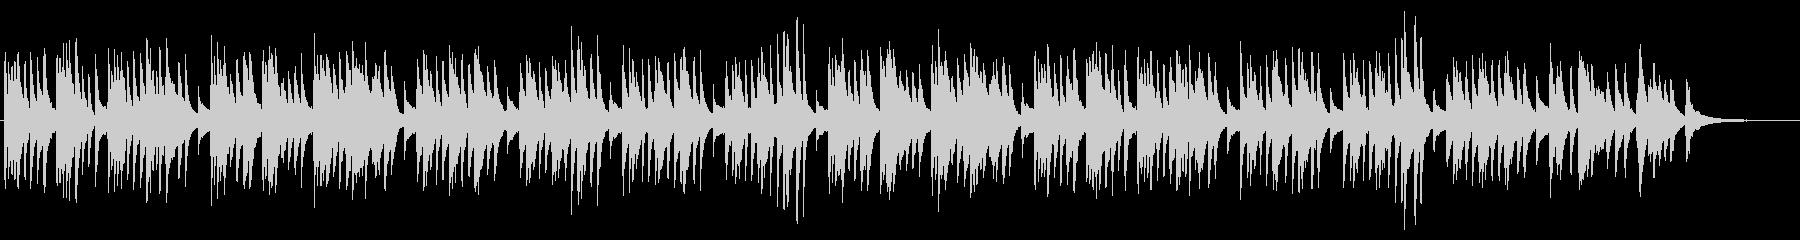 懐かしい和を感じさせるピアノソロBGMの未再生の波形